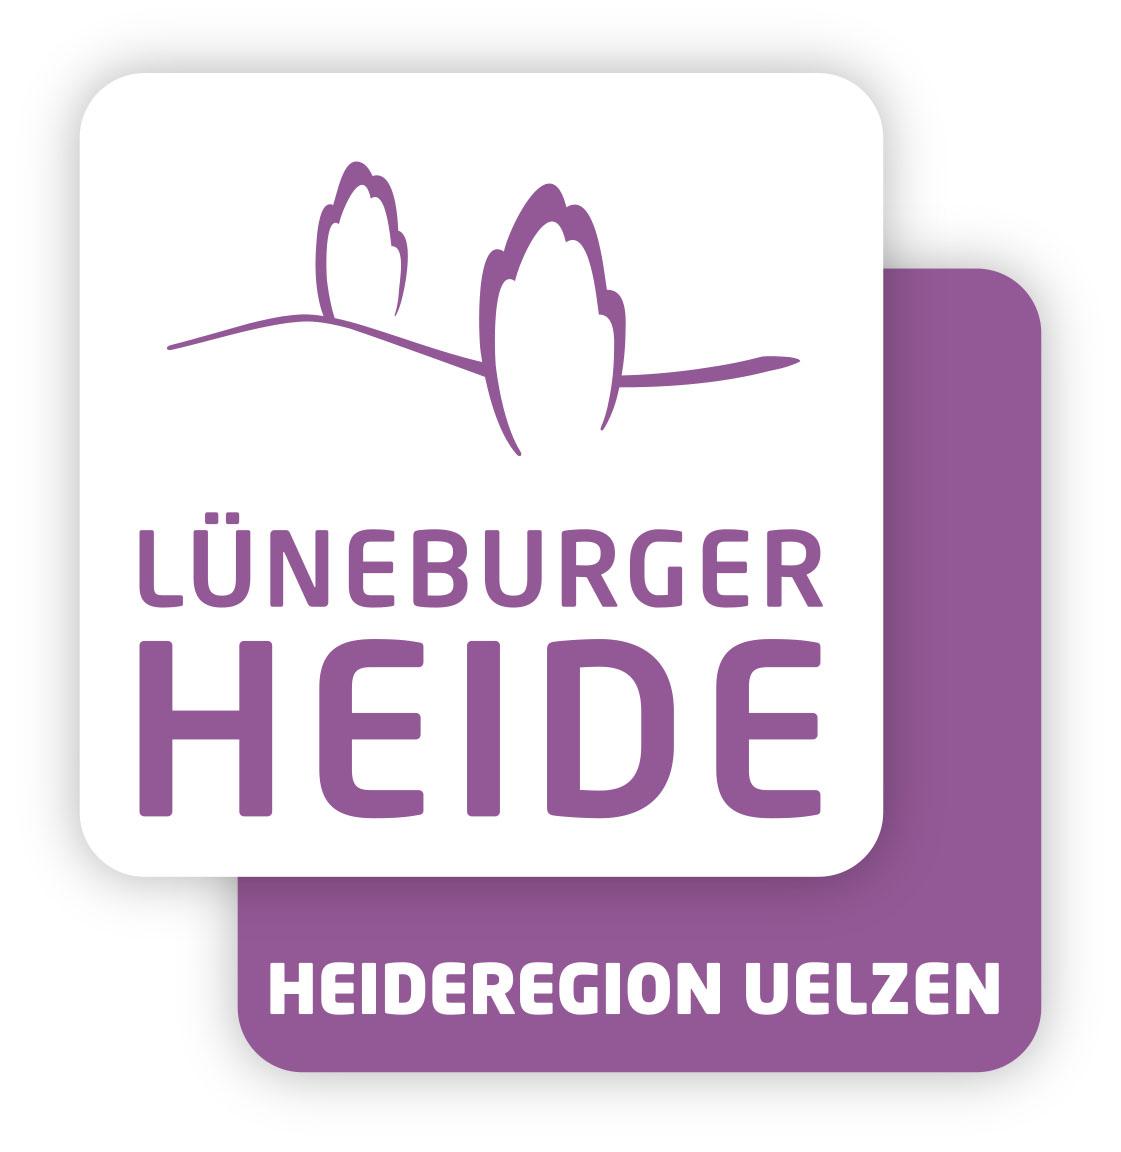 Logo der Urlaubsregion HeideRegion Uelzen